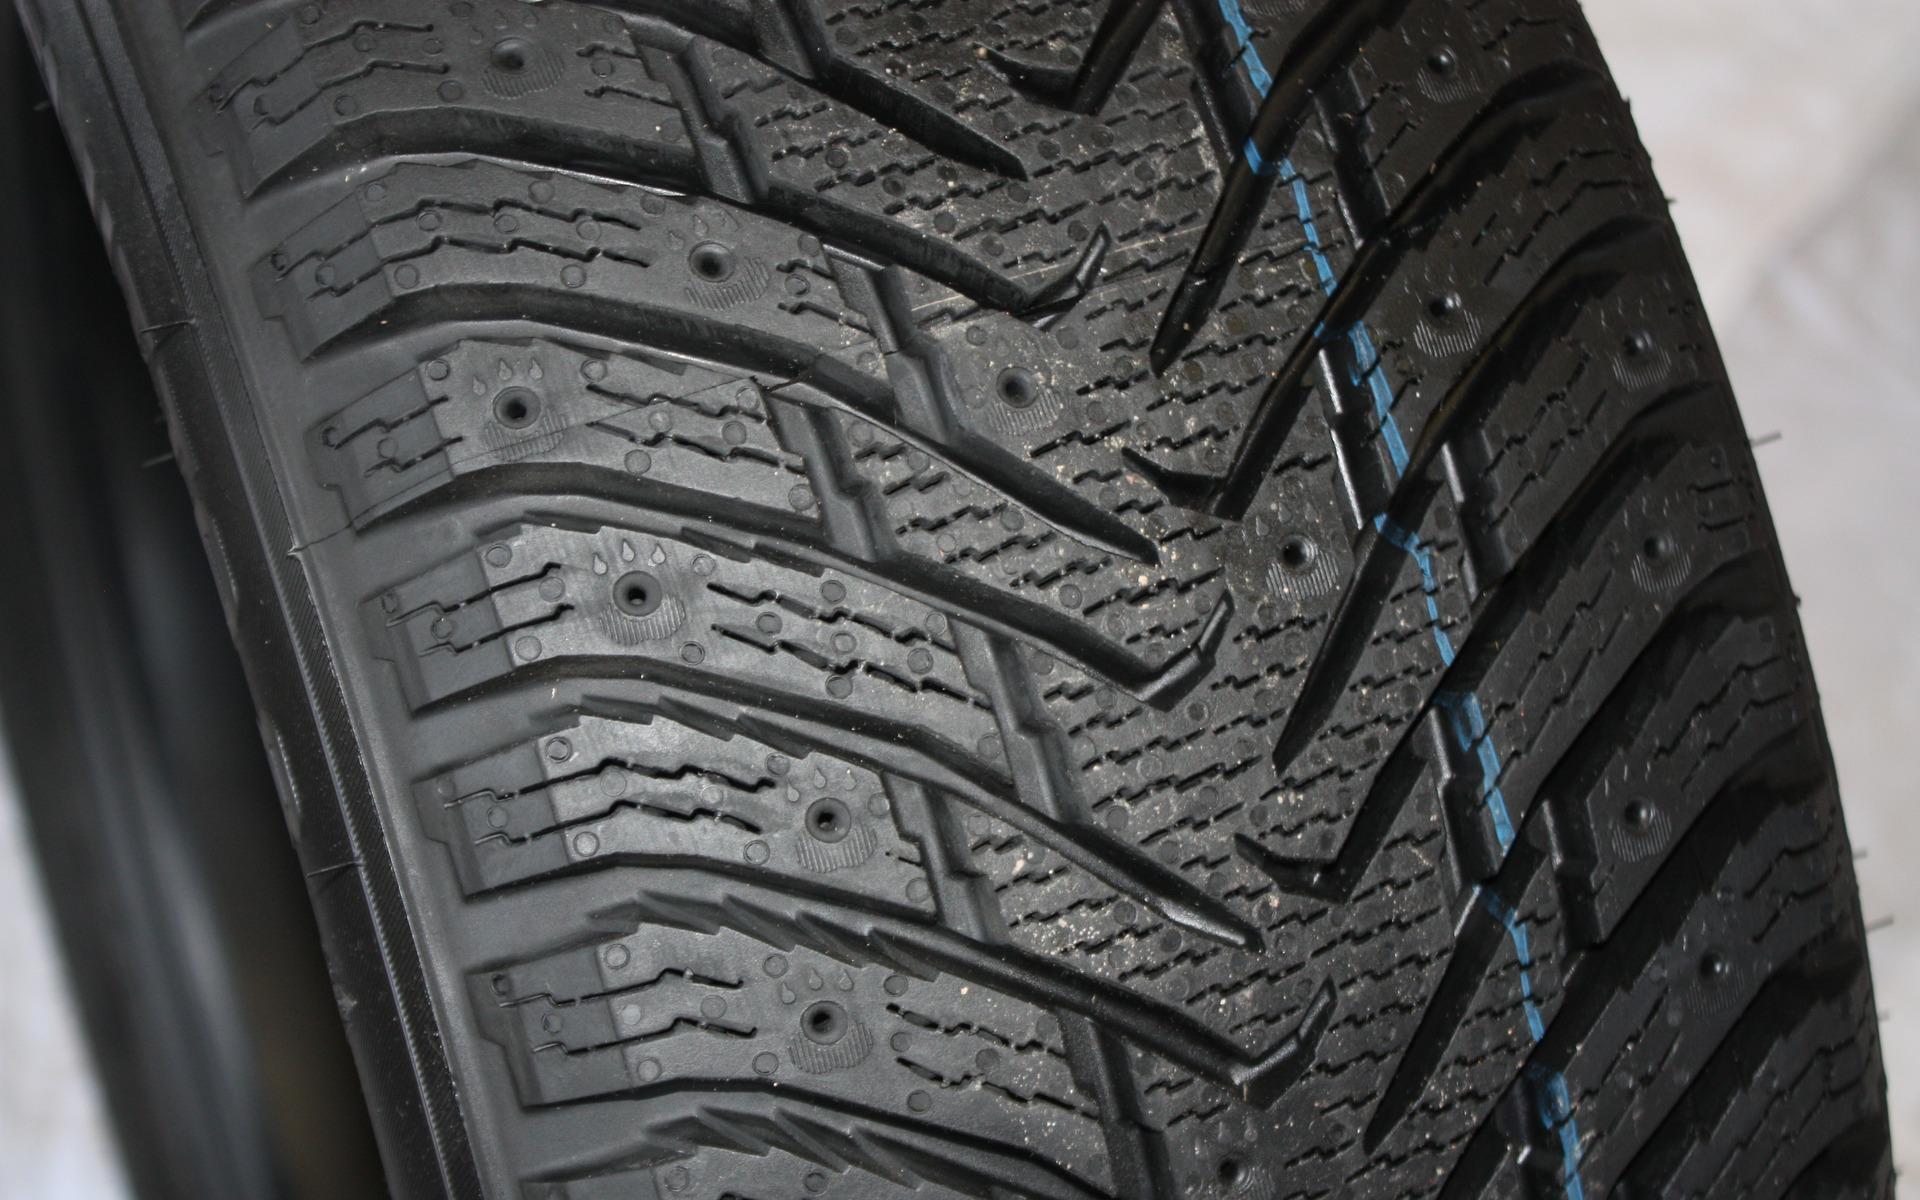 le top 10 des meilleurs pneus d 39 hiver selon le guide de l 39 auto 2 12. Black Bedroom Furniture Sets. Home Design Ideas